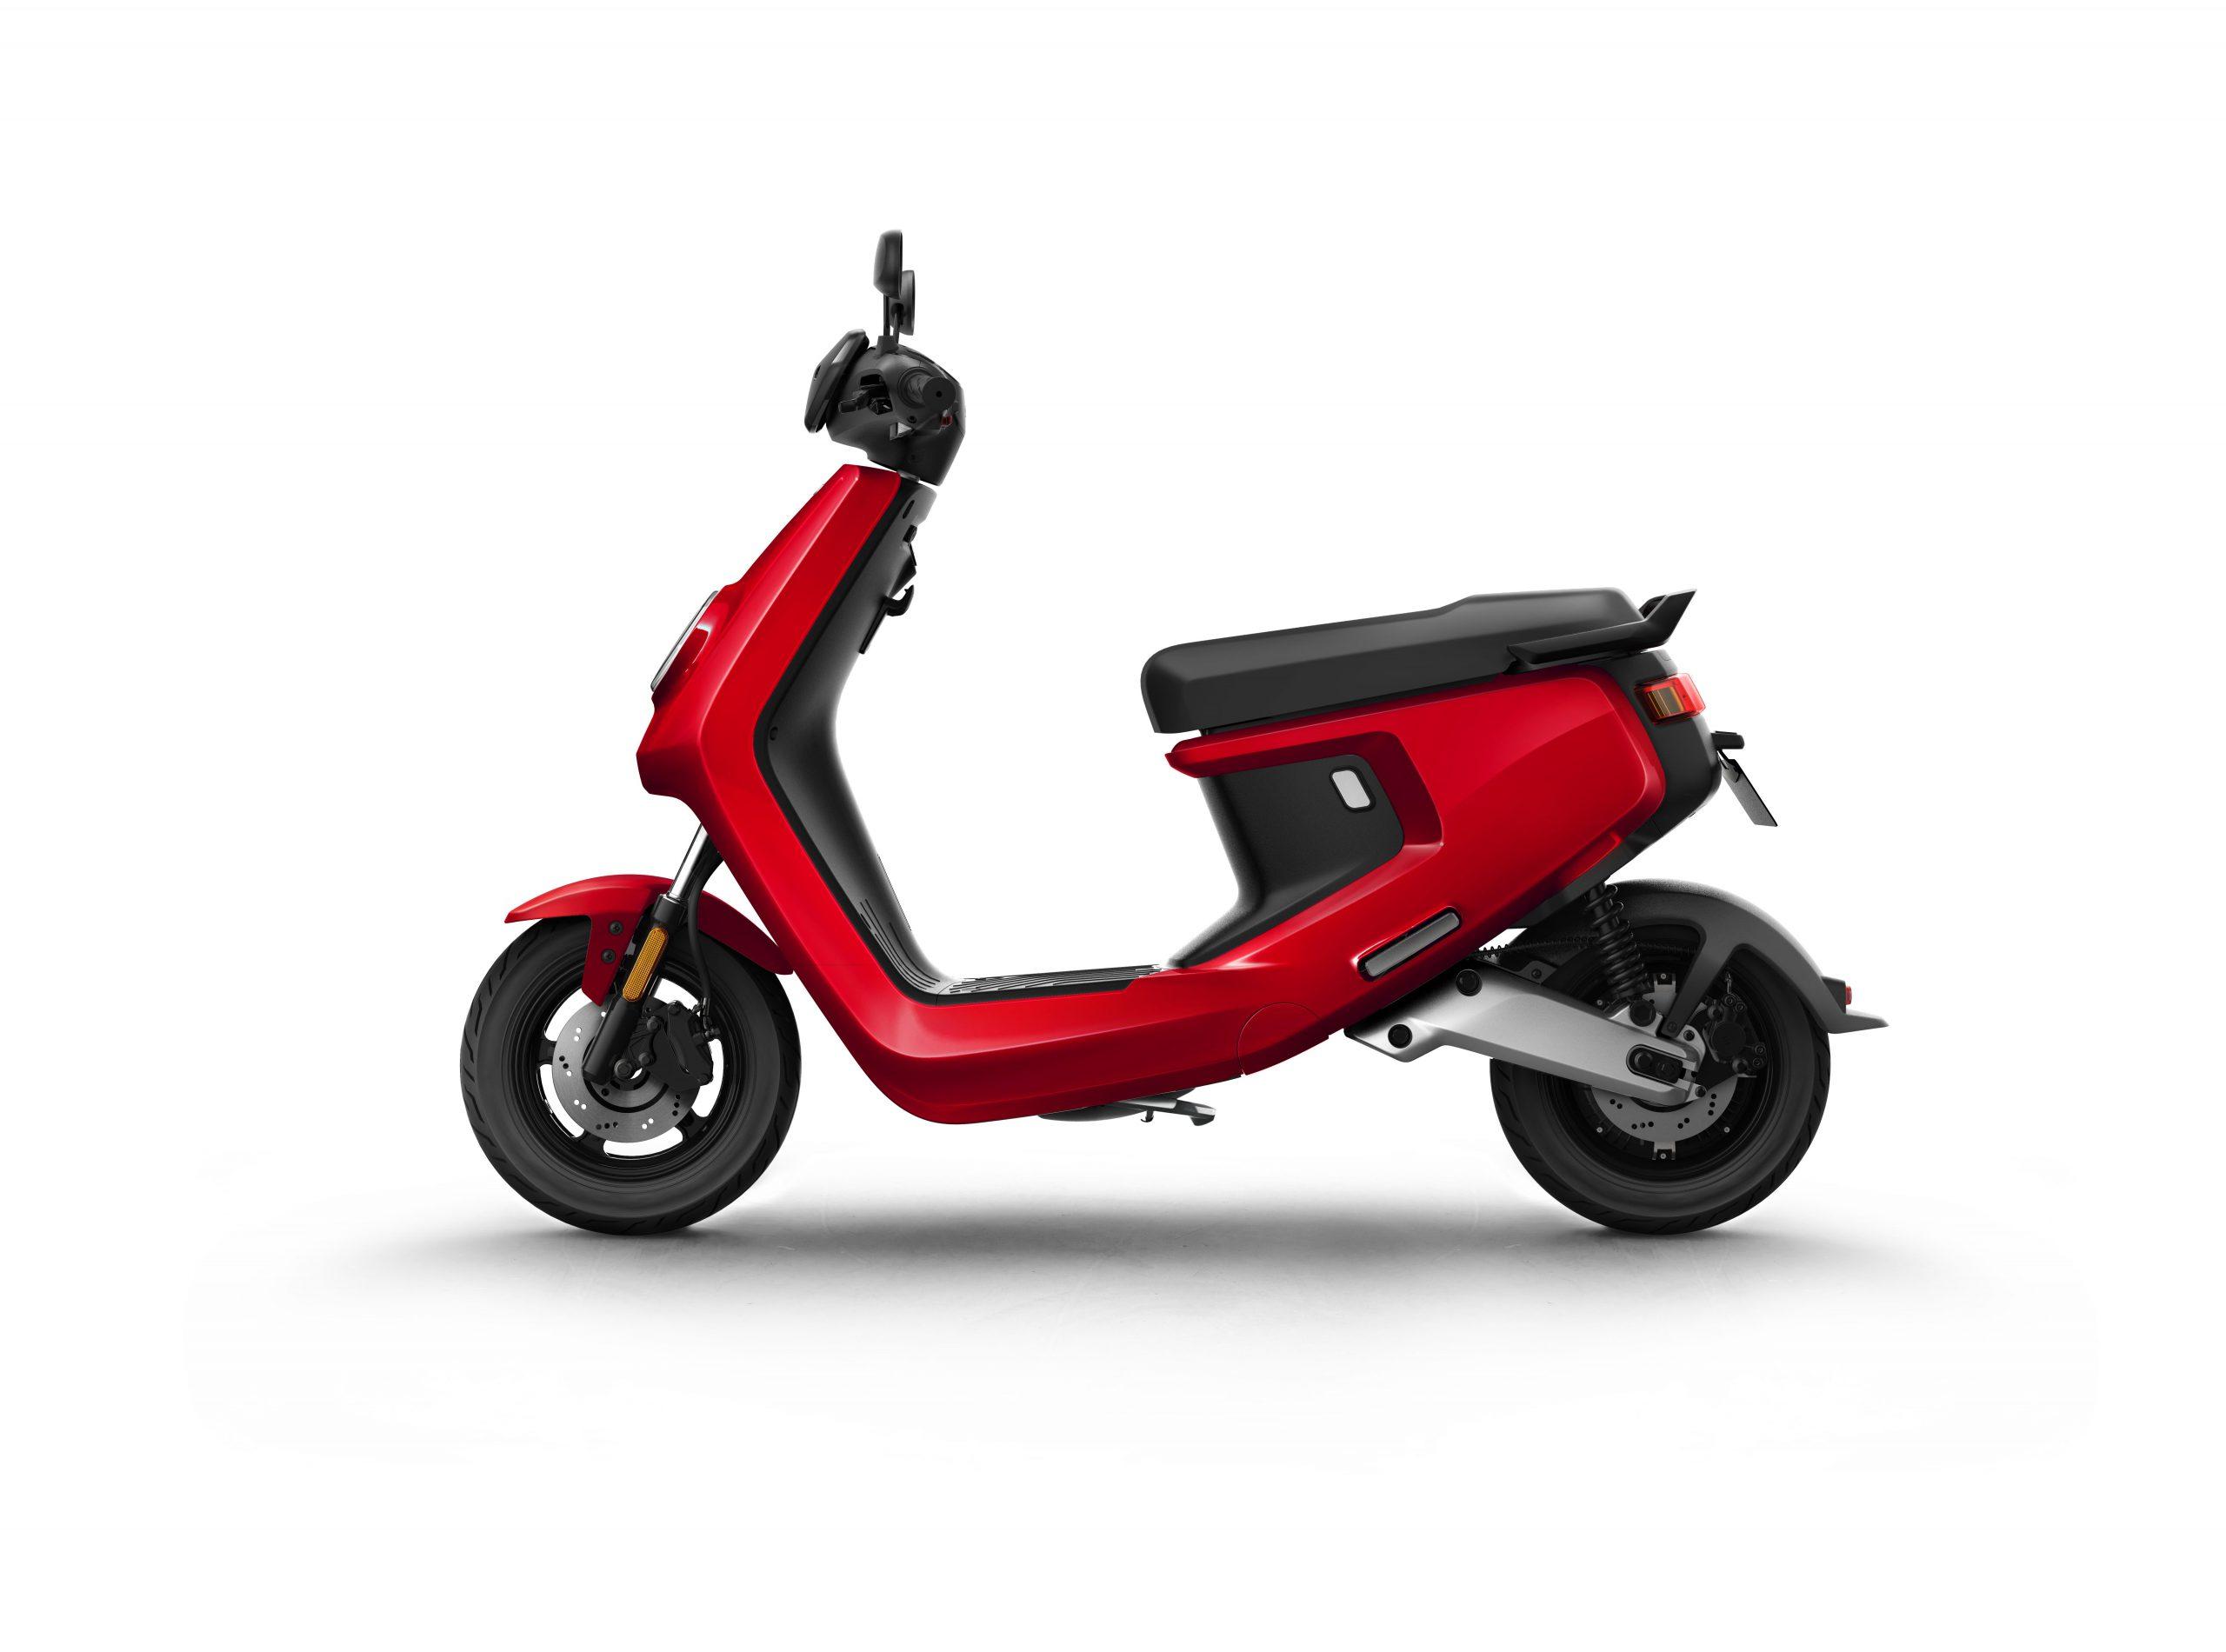 Niu MQI+ Sport E-scooter